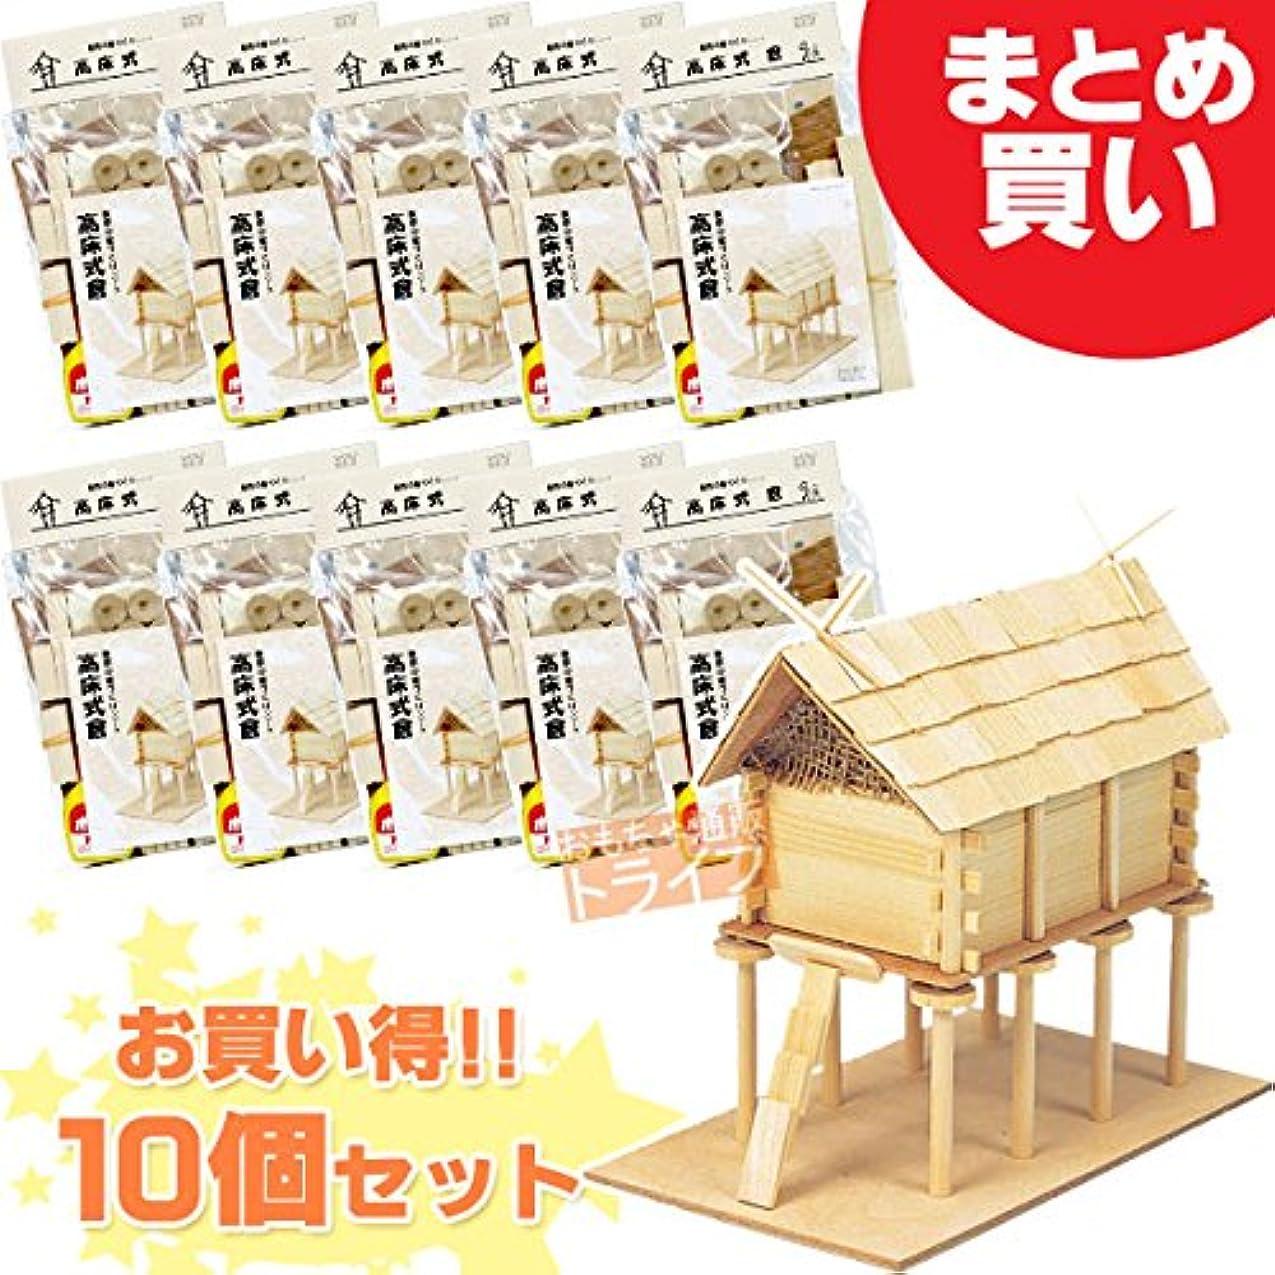 懇願する酸クルーズ木製工作キット 世界の家づくりシリーズ 高床式倉 10個セット 200296